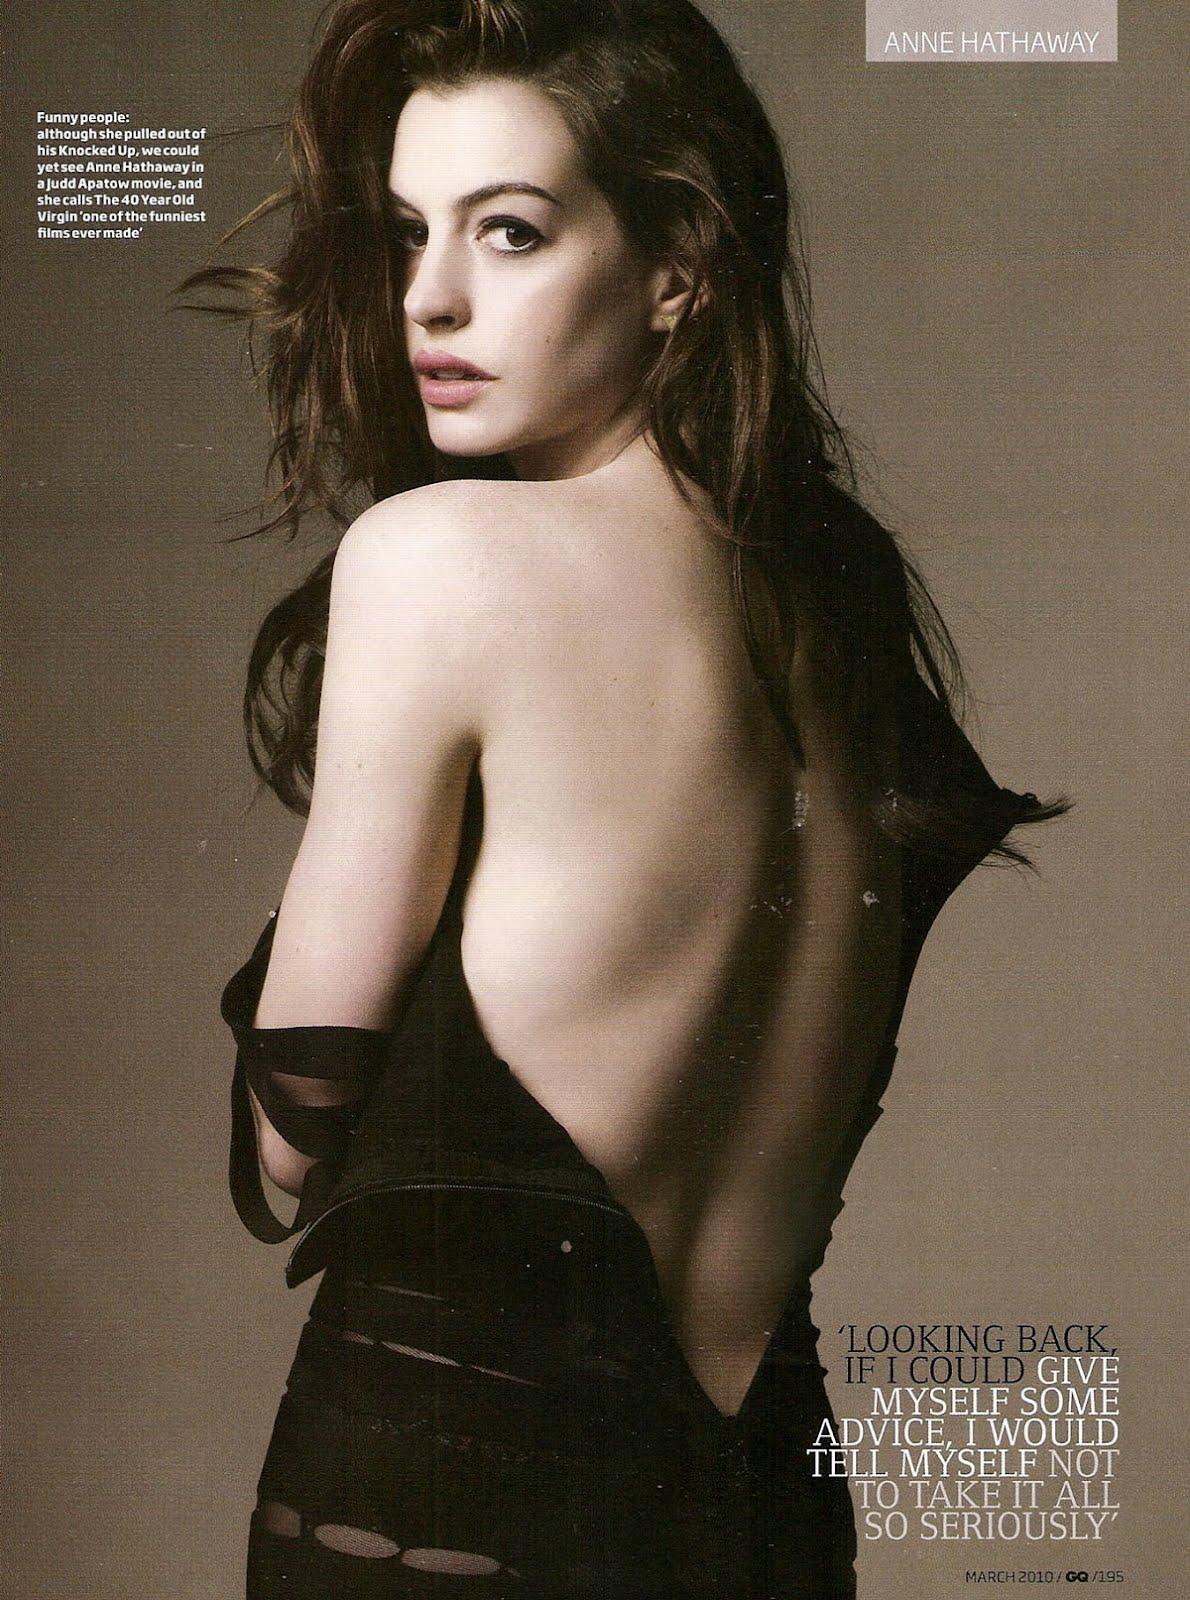 Anne Hathaway Reveals Her